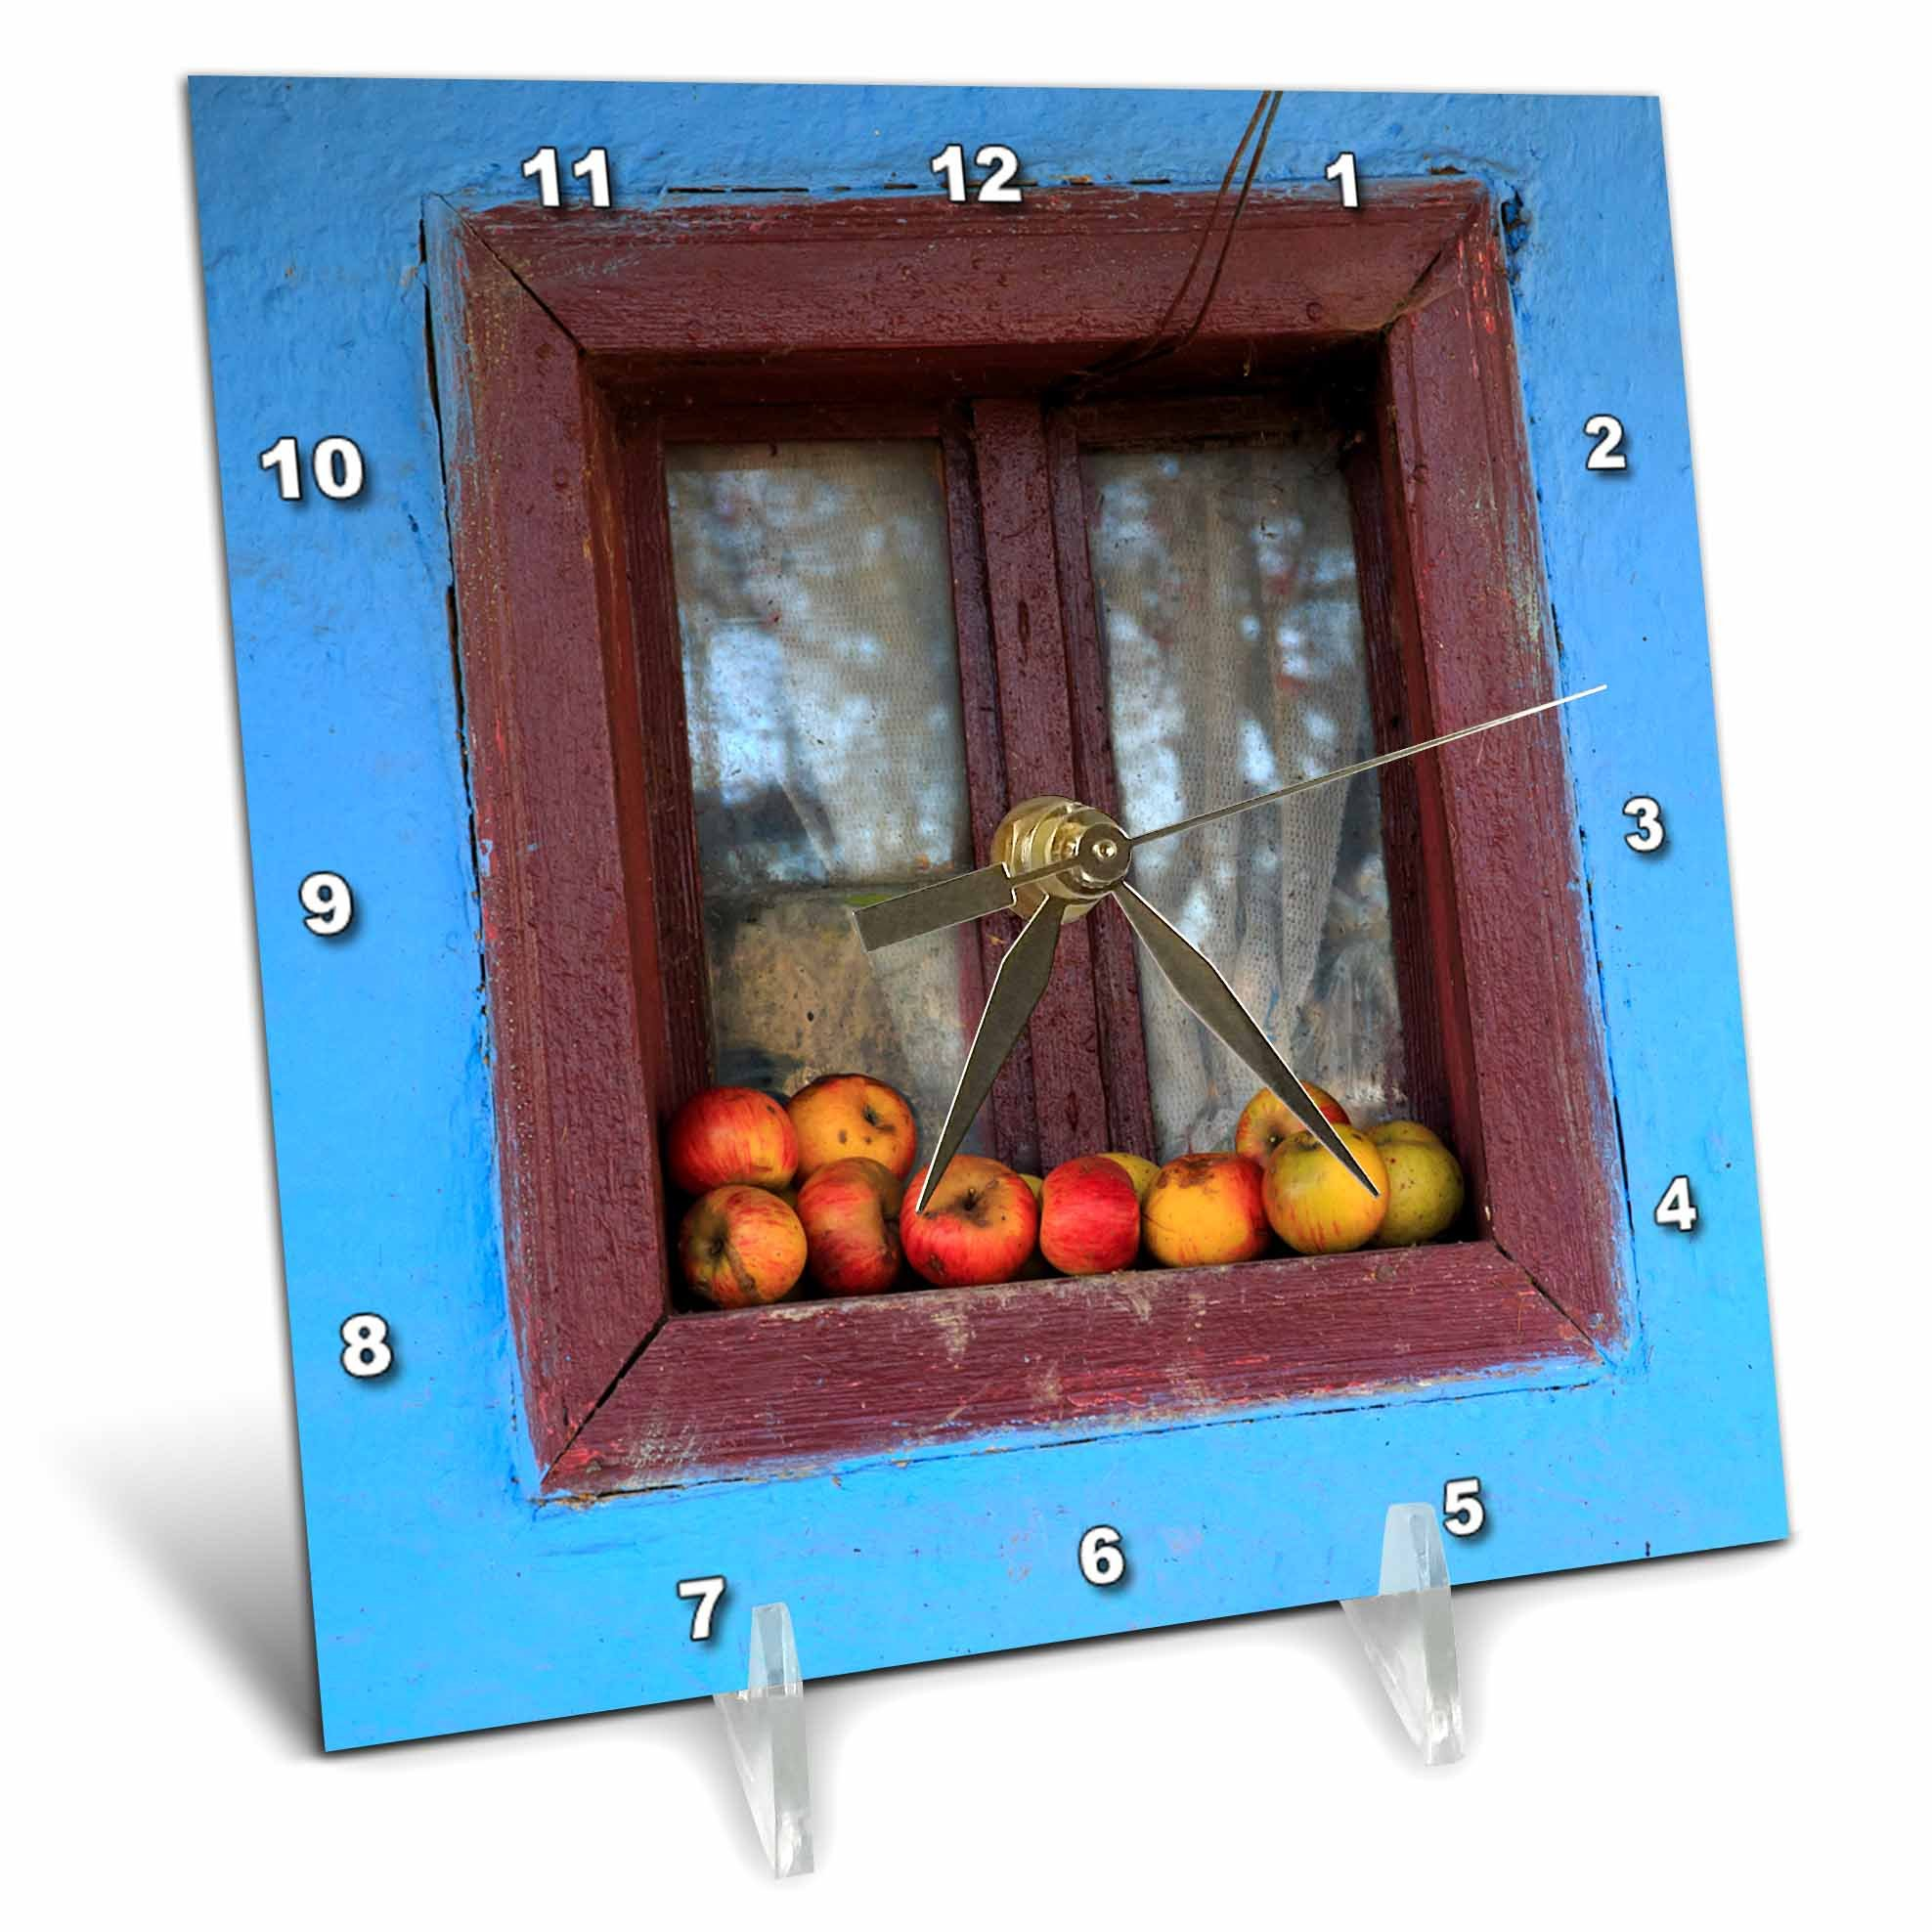 3dRose Danita Delimont - Food - Romania, Dobricu Lapusului. Typical farm house, Window with apples. - 6x6 Desk Clock (dc_277876_1)